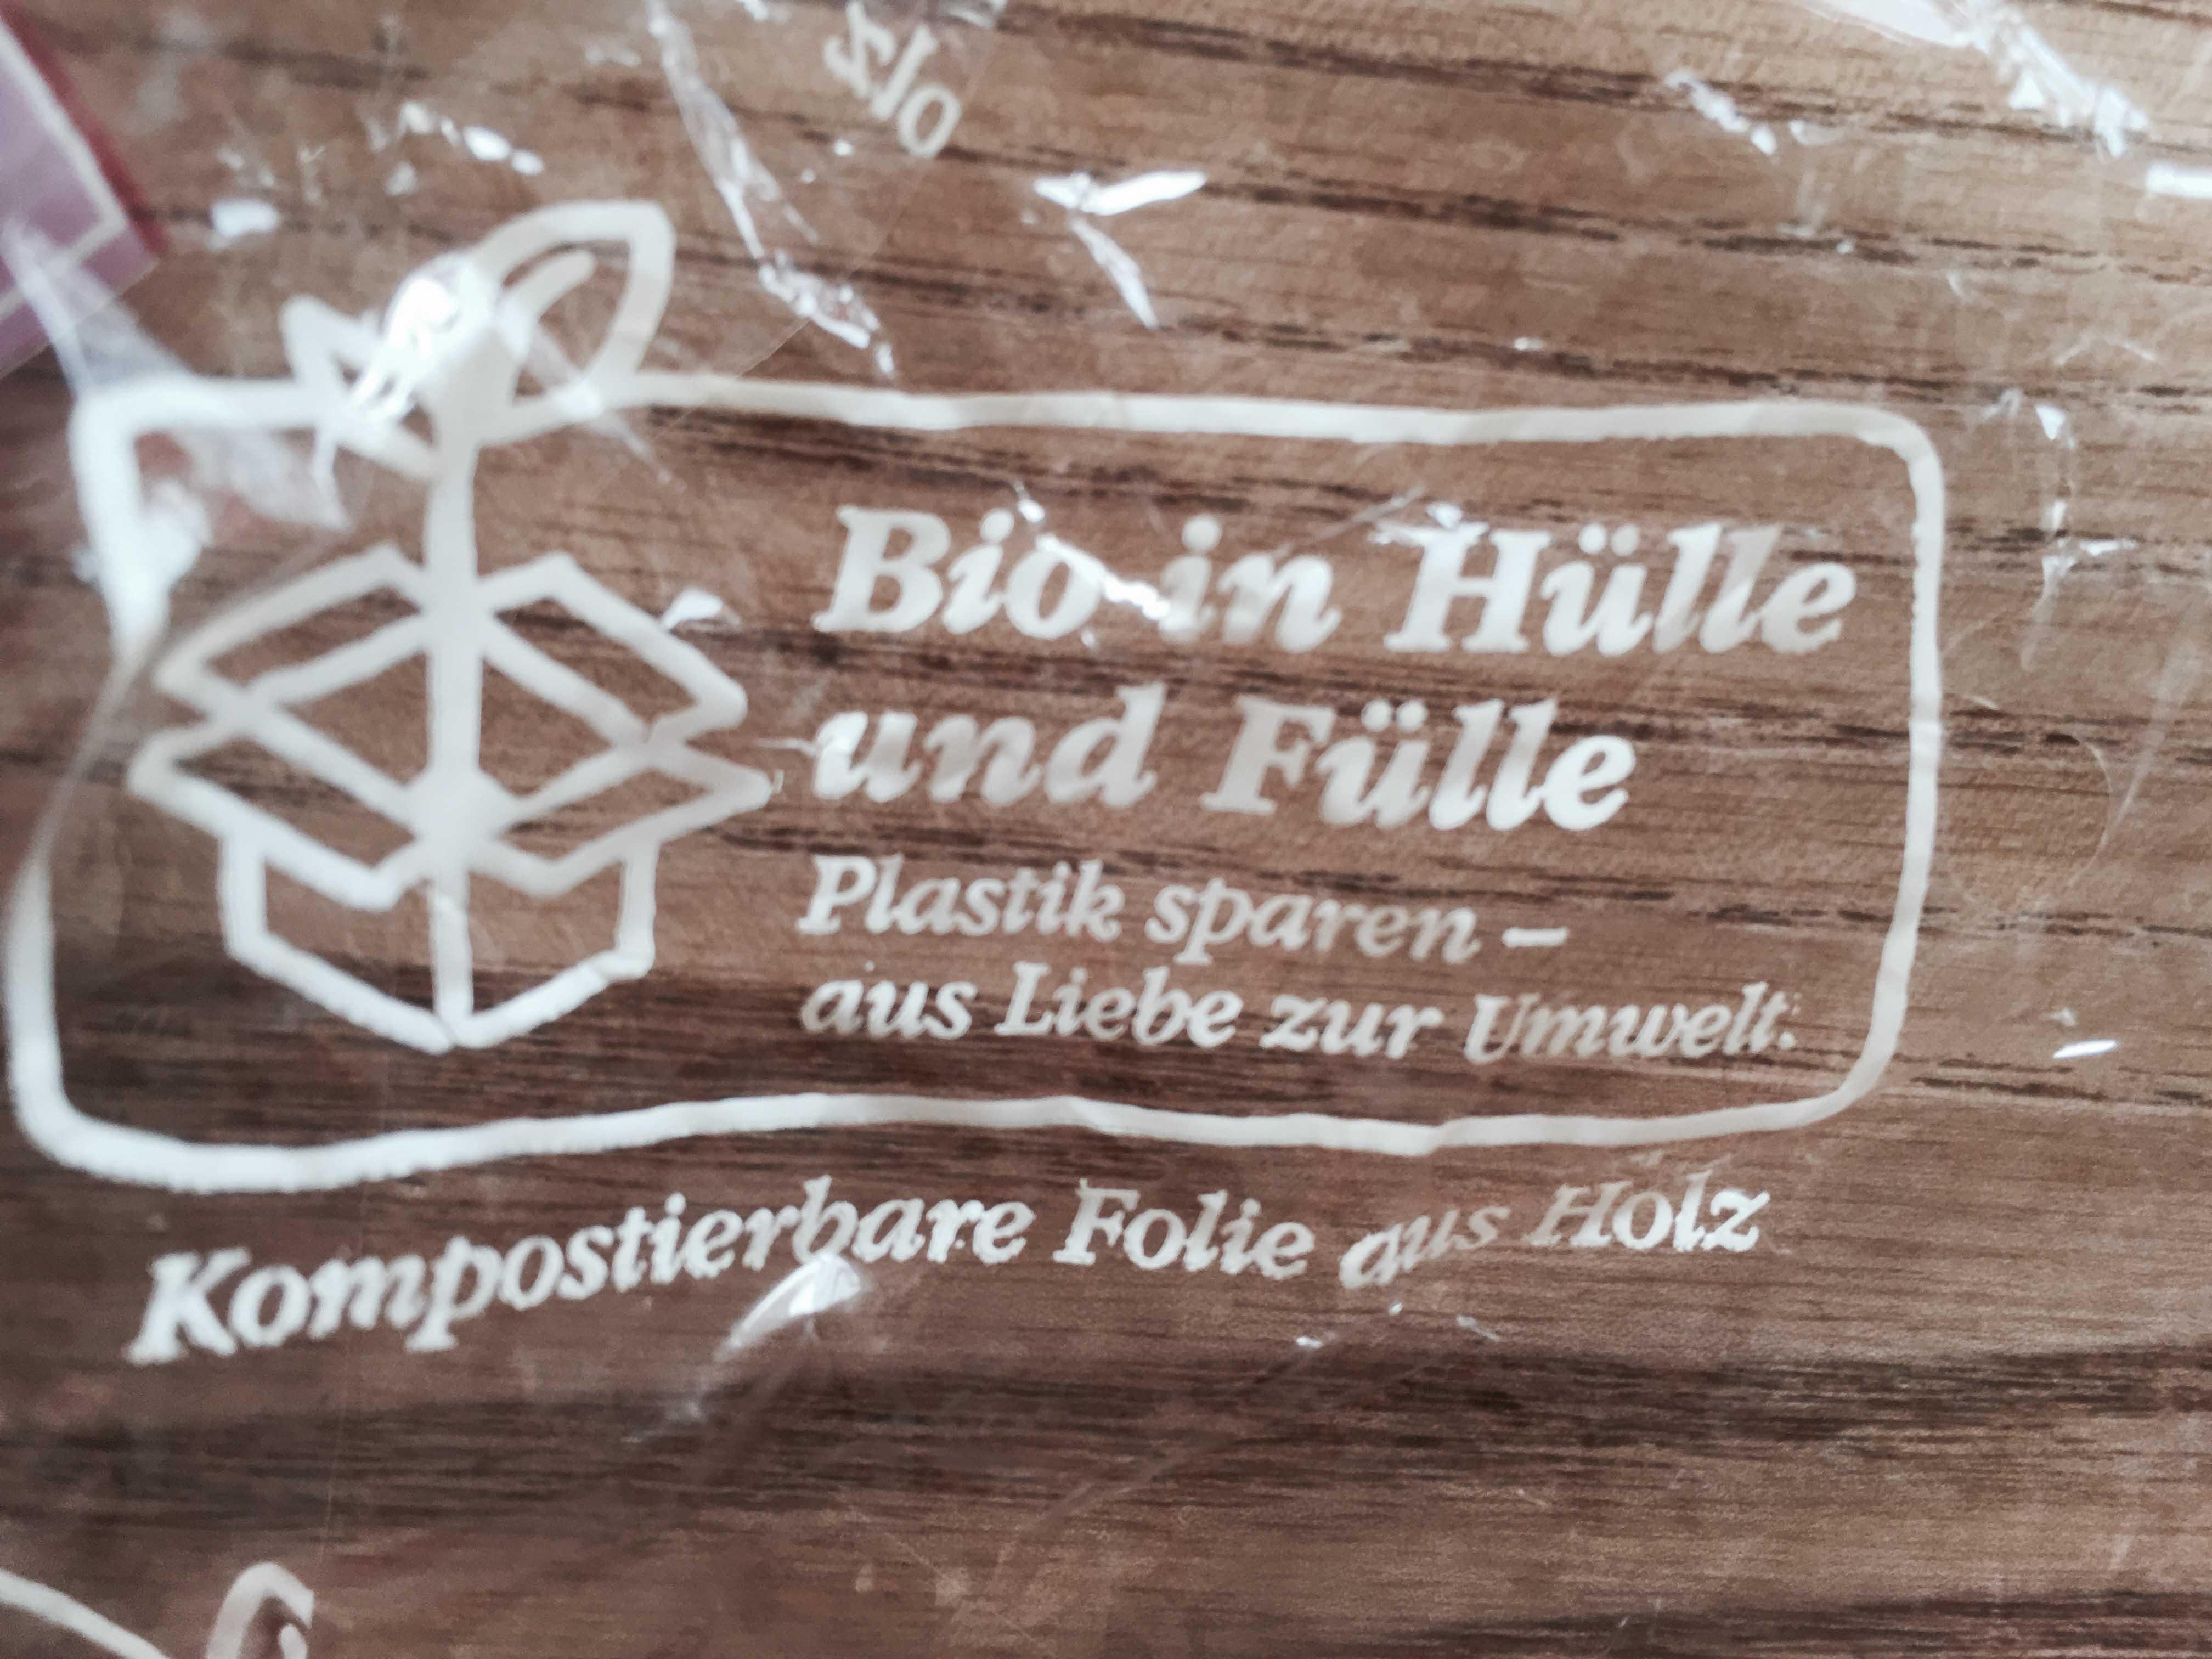 Bio in Hülle und Füle _ Kompostierbare Folie aus Holz